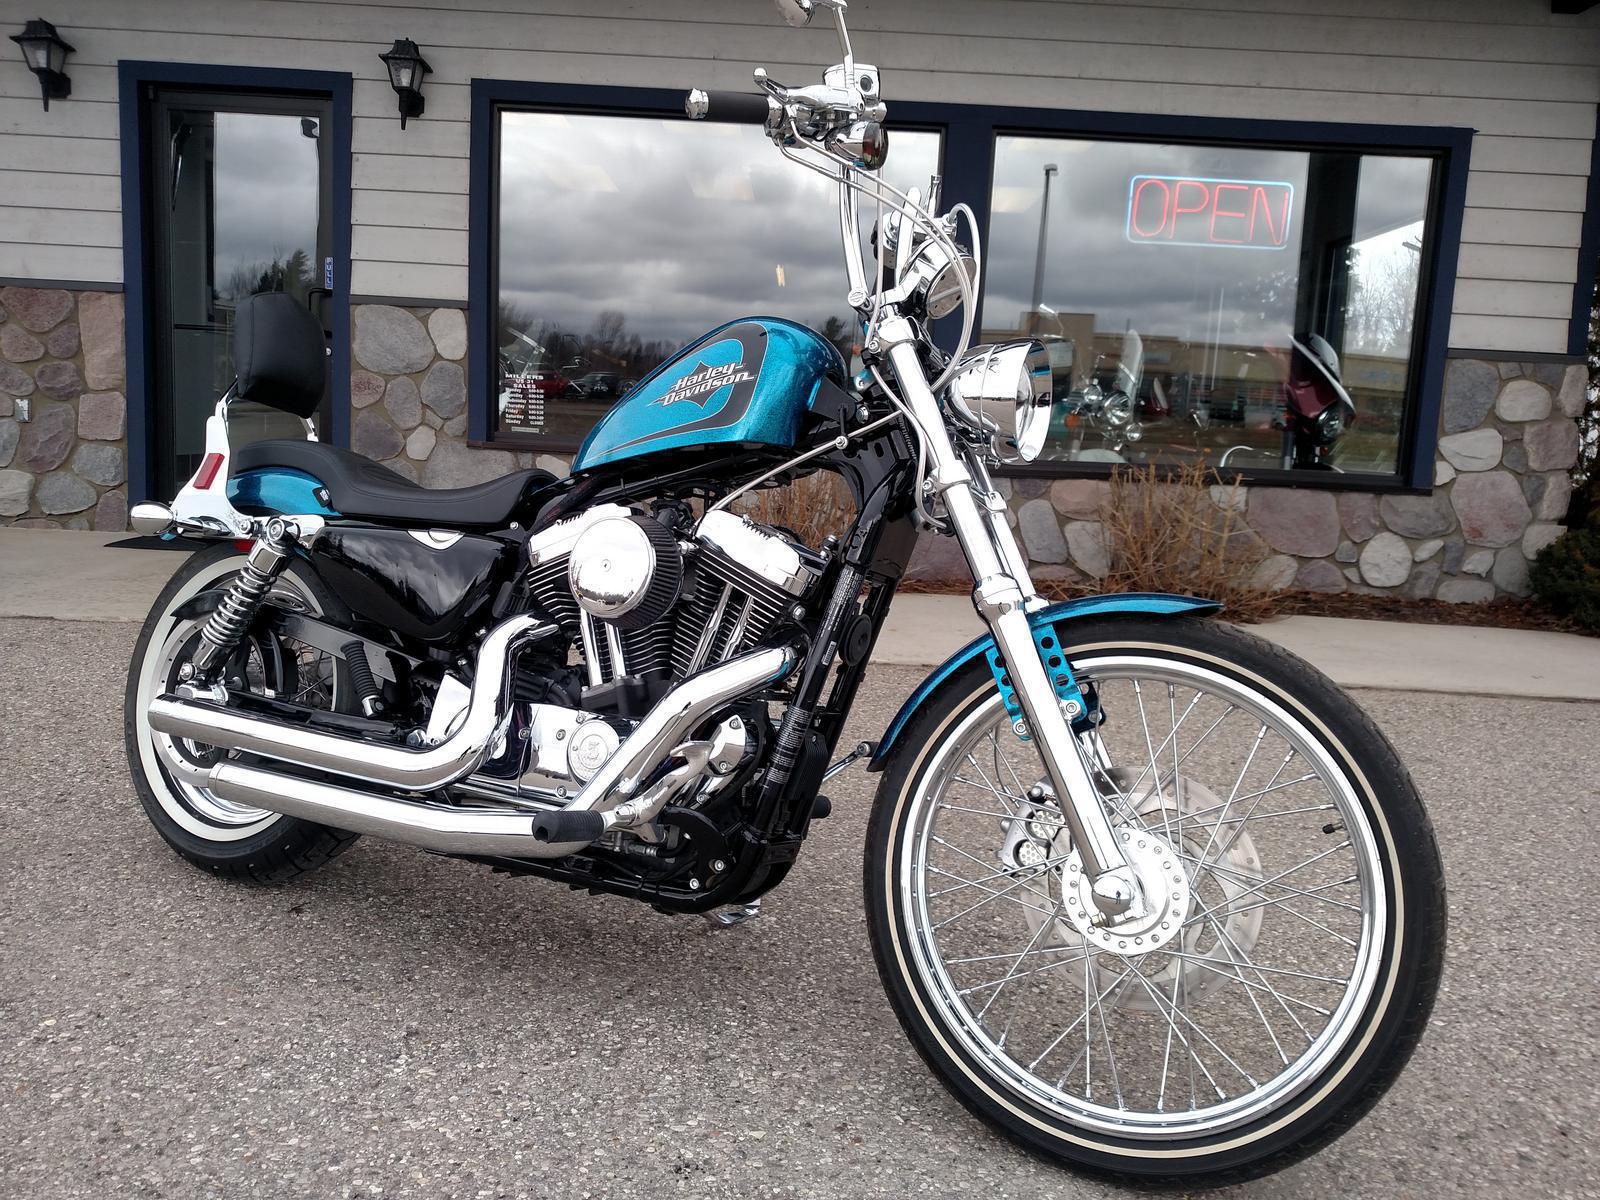 2015 Harley-Davidson® XL1200V Seventy-Two® - Hard Candy Color Option